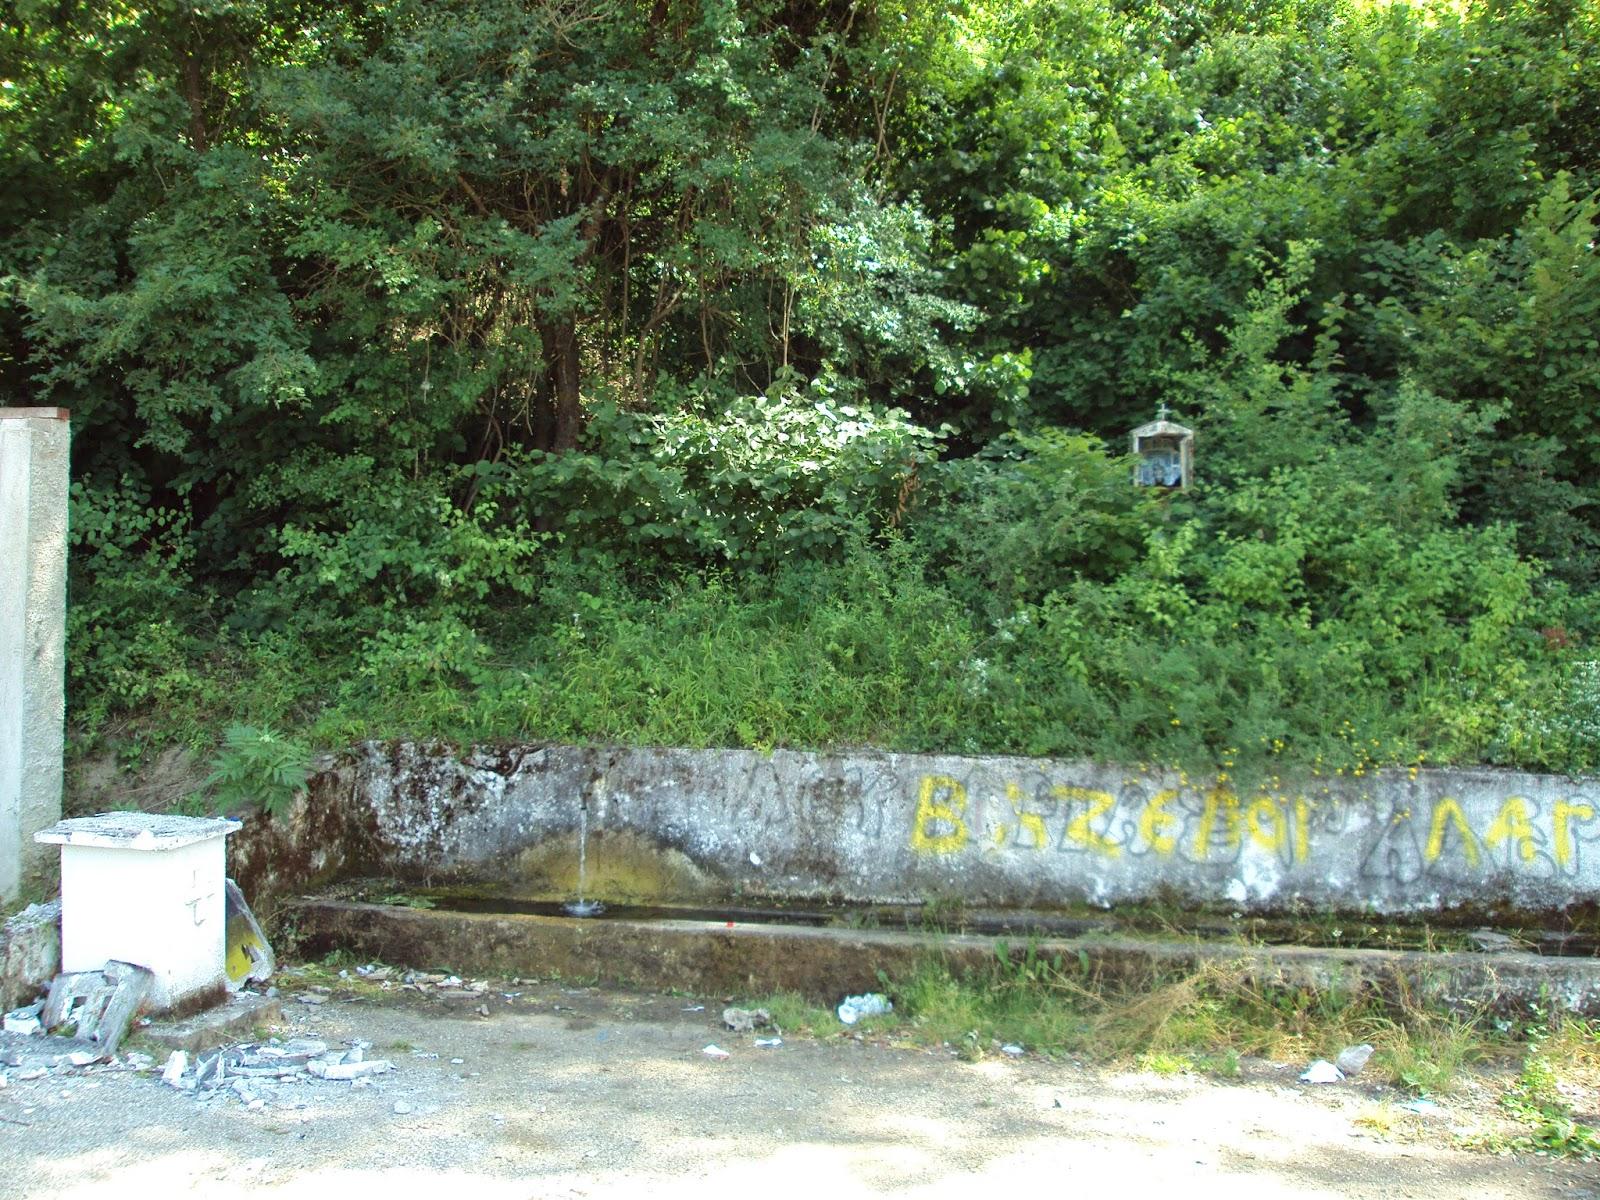 Βανδααλισμοί στην Αμμουδάρα (φωτογραφίες)